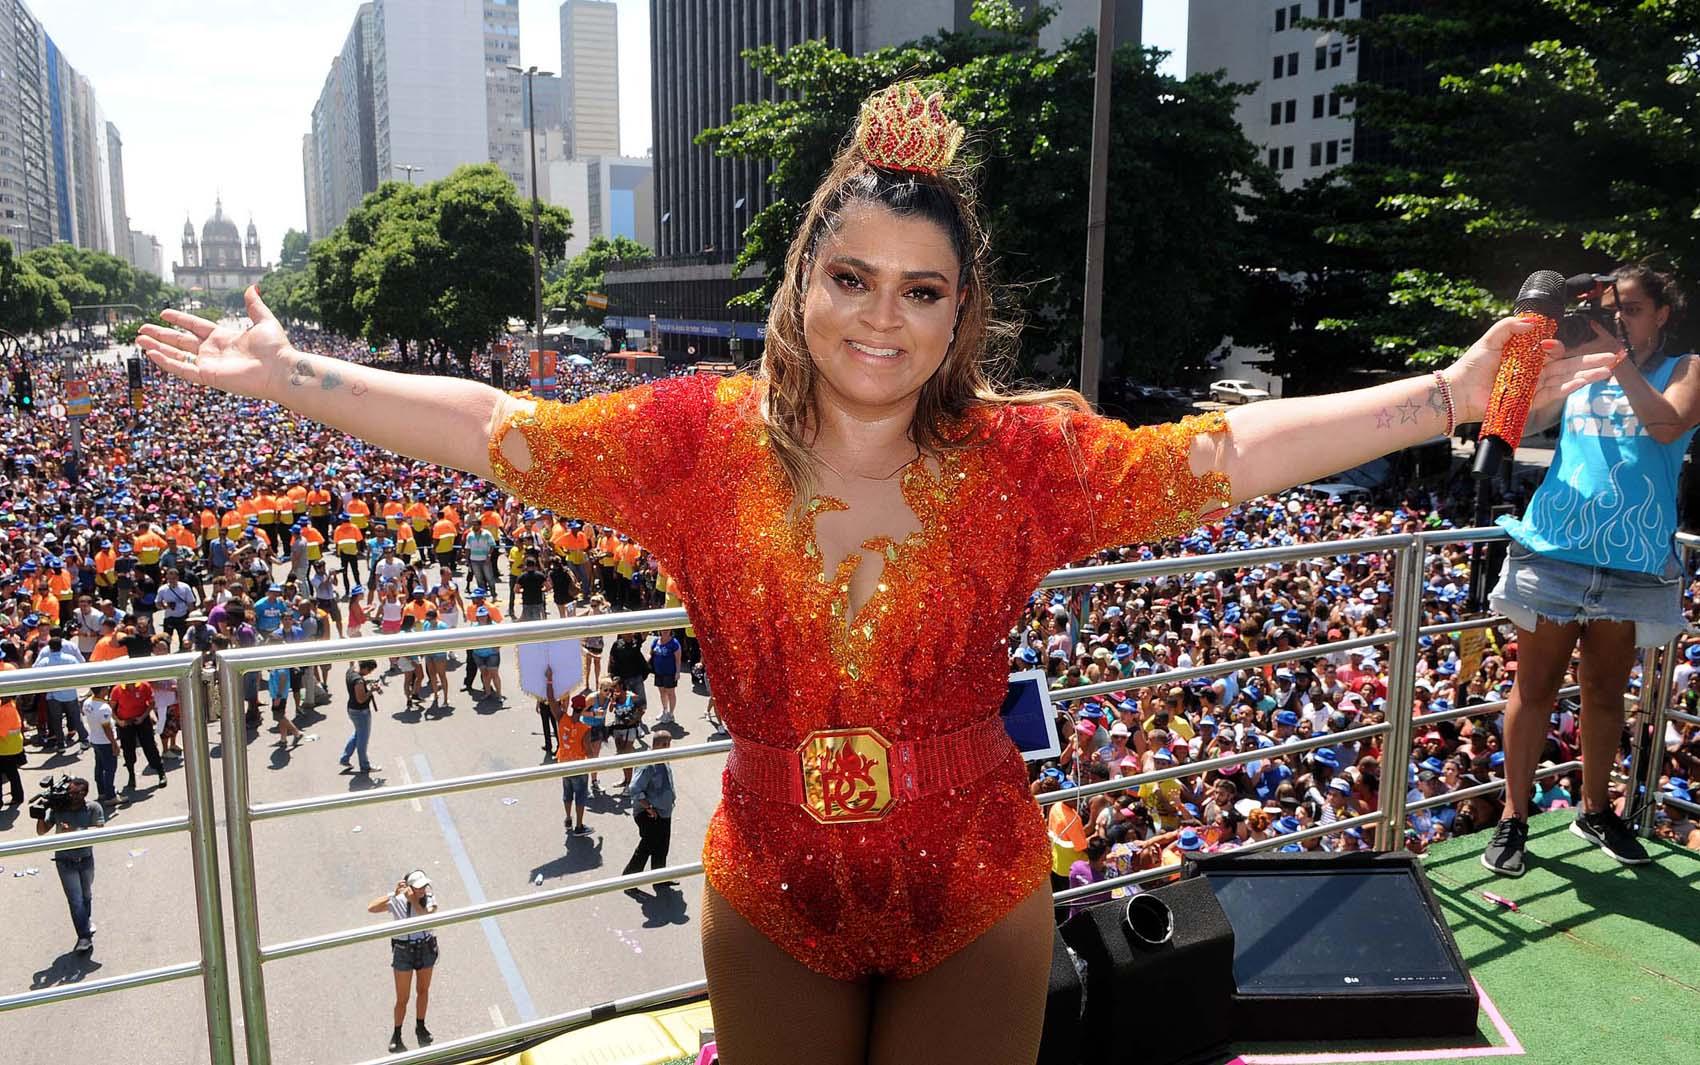 Preta Gil arrasta uma multidão no Centro do Rio. A cantora promete fazer o maior beijaço da história. O público aproveita o domingo pré-carnavalesco com muita animação.